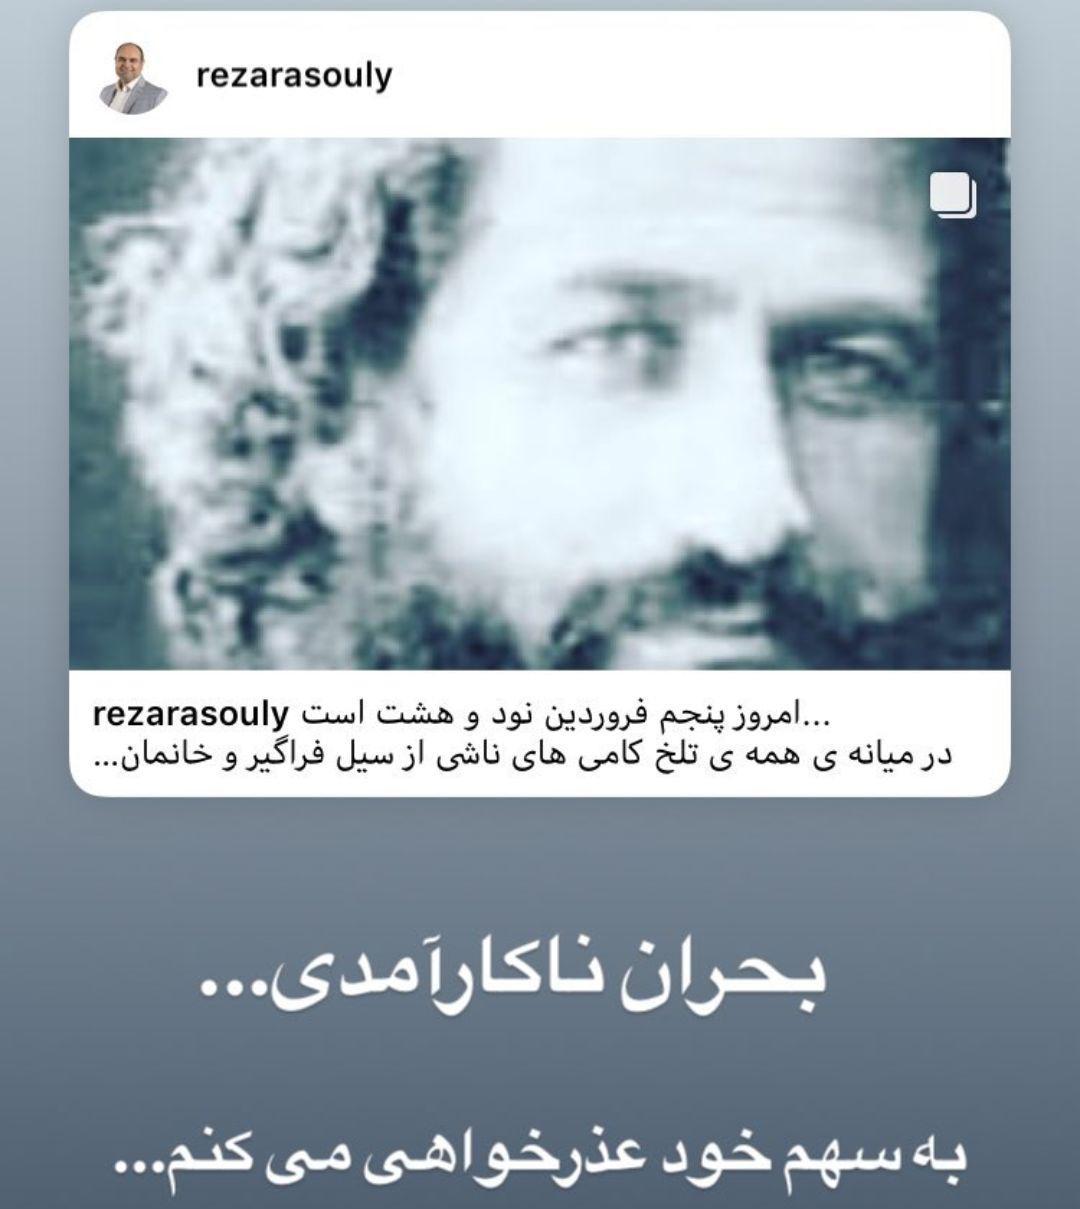 بحران امروز ایرانِ عزیز، بحران مدیریت است